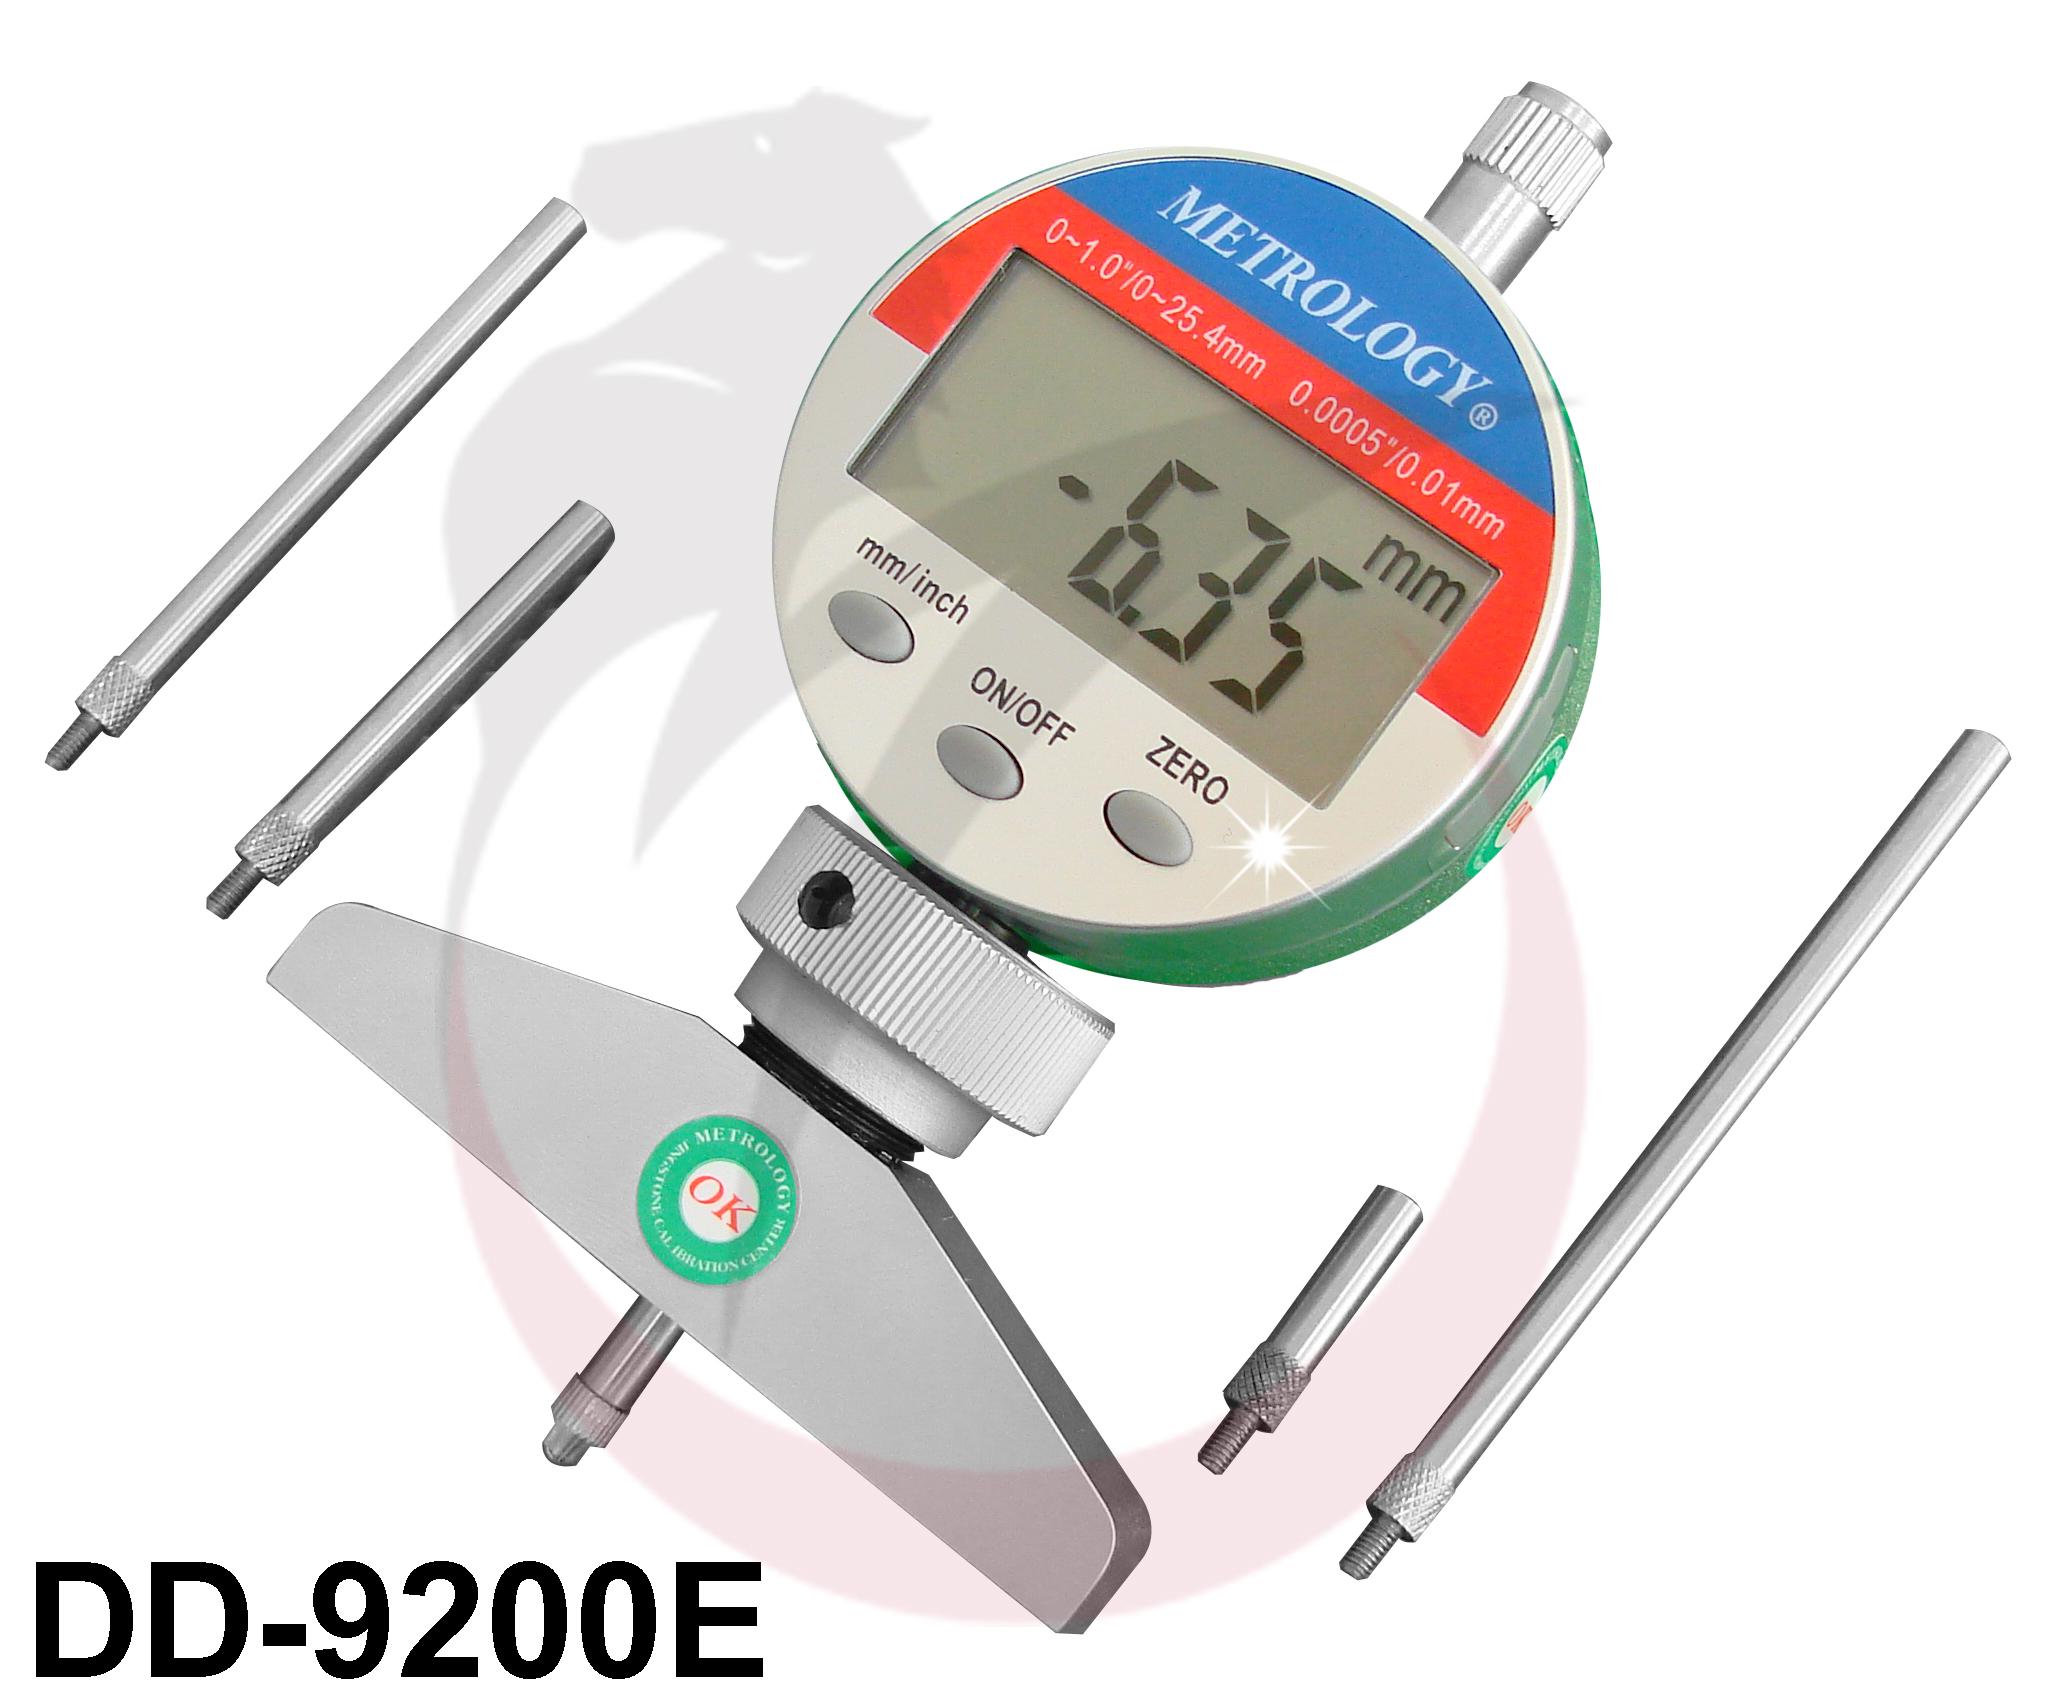 """Đồng hồ đo sâu 0-200mm/8"""" DD-9200E Metrology"""